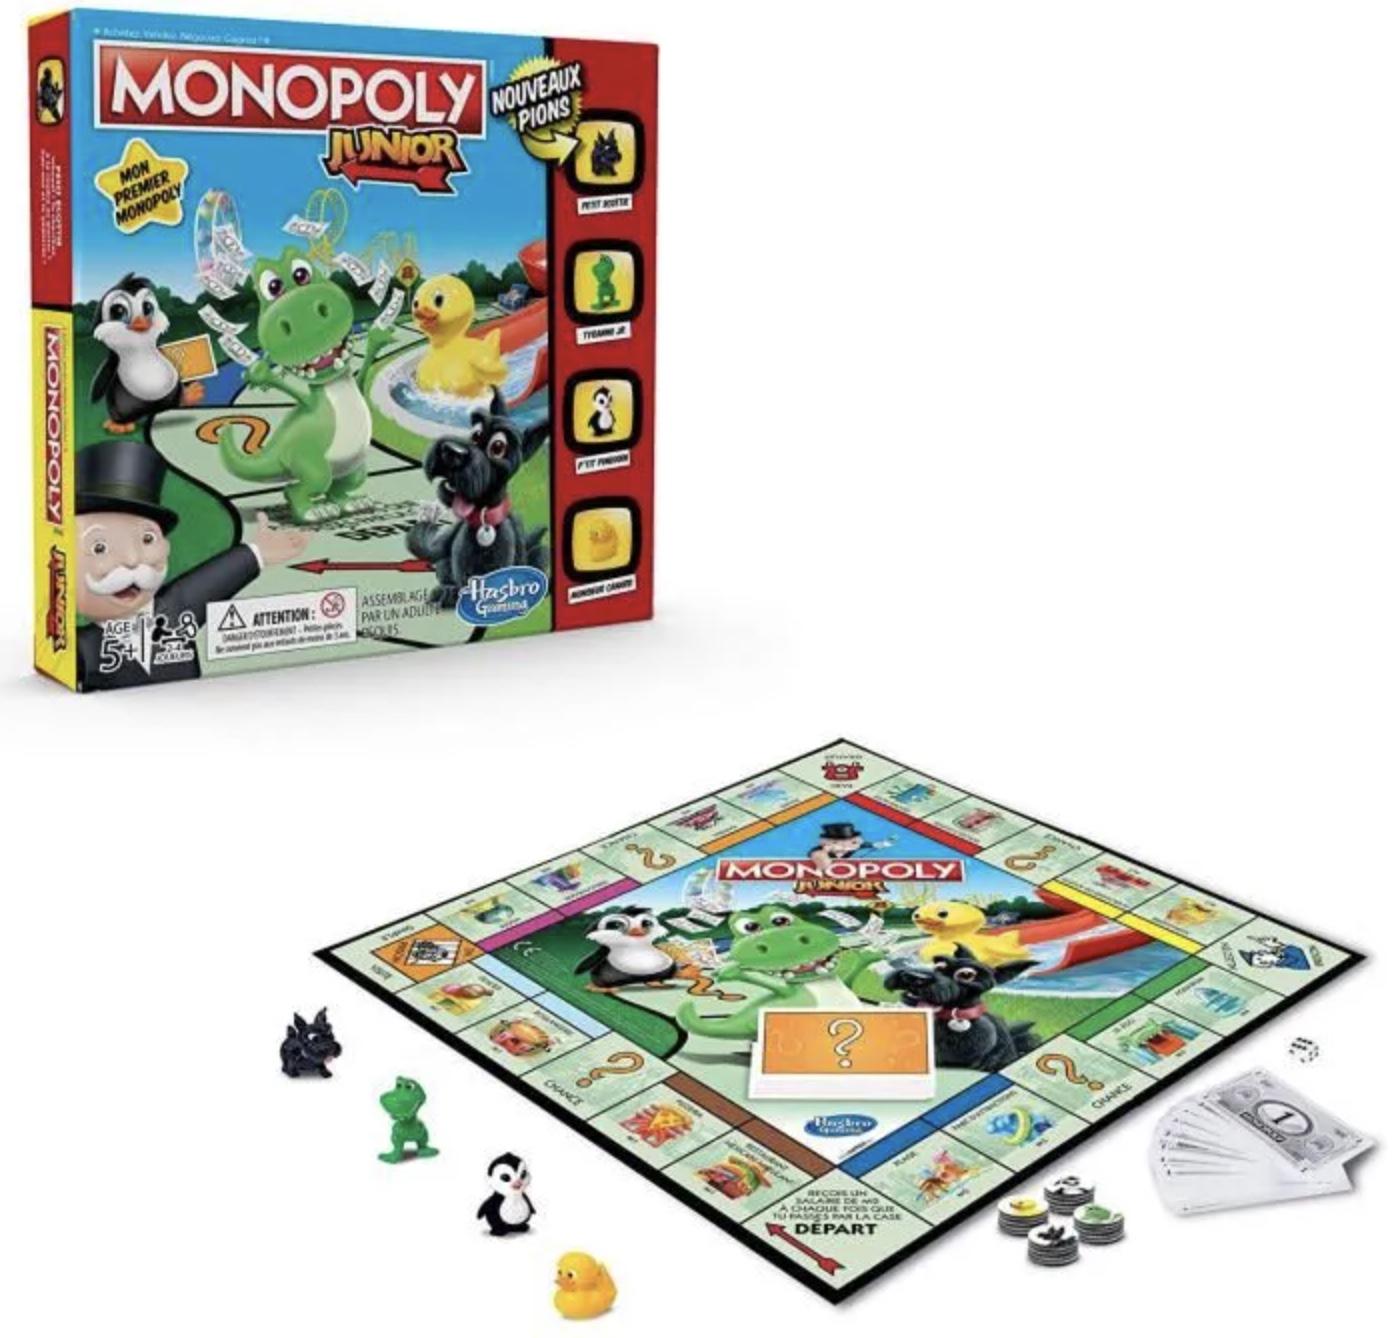 Code promo Cdiscount : 2 jouets achetés = le 3ème offert parmi une sélection Nerf, Hasbro Gaming, Monopoly & Playdoh